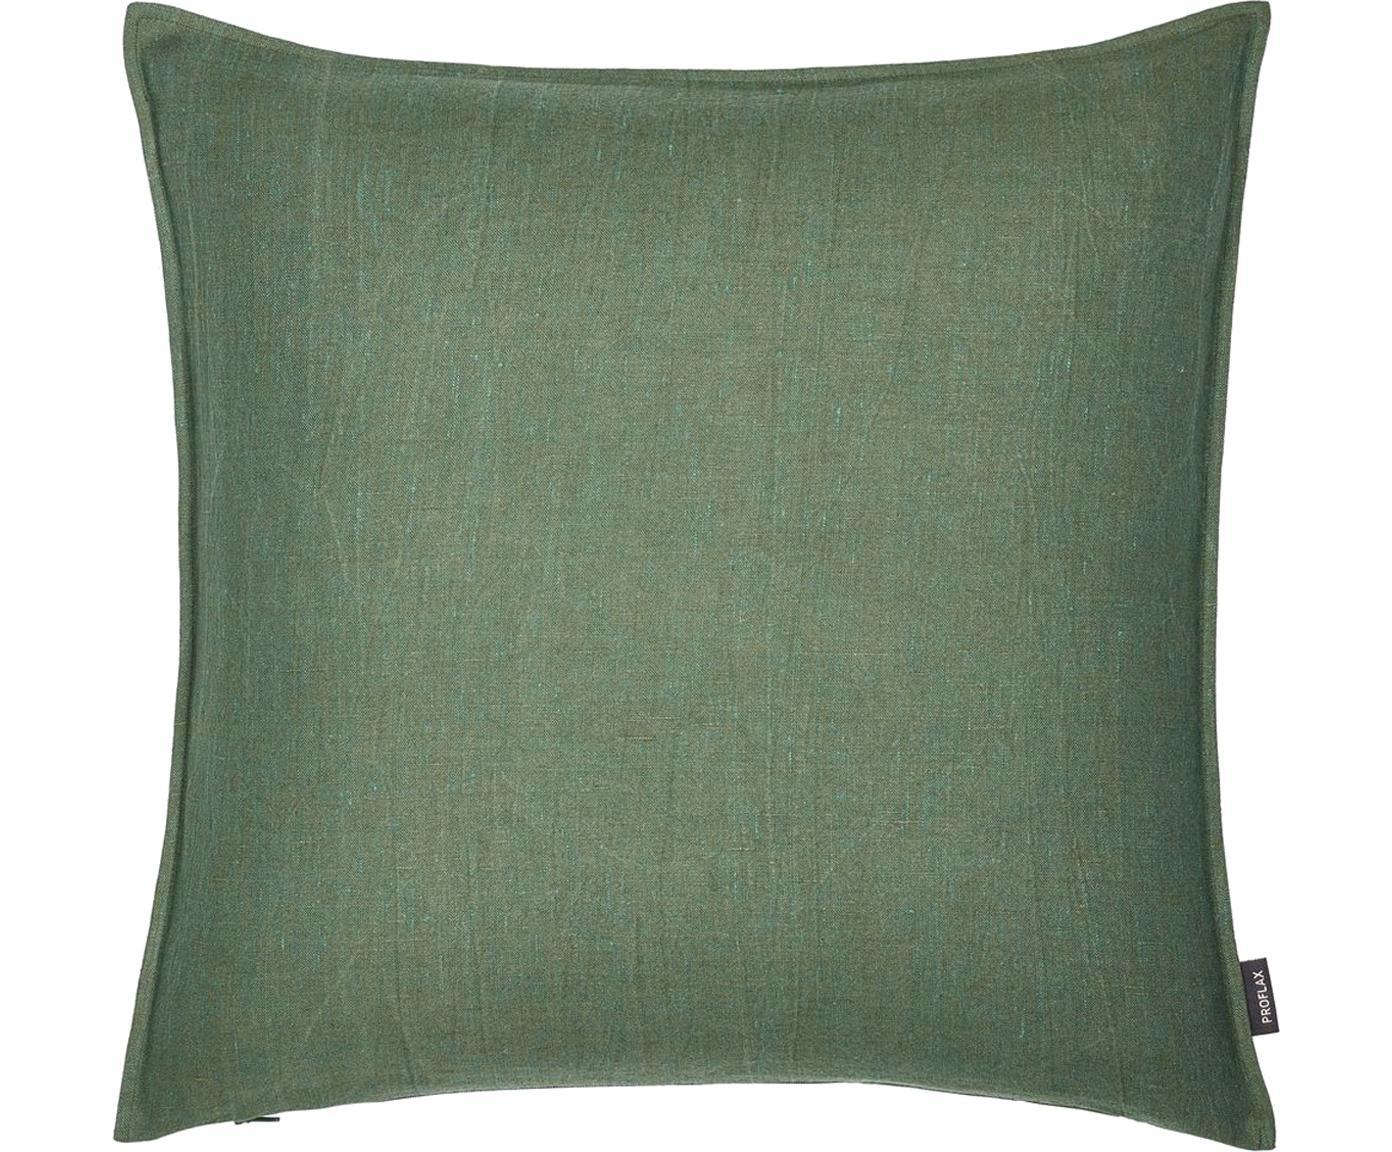 Federa arredo in lino lavato verde Sven, Lino, Verde scuro, Larg. 60 x Lung. 60 cm